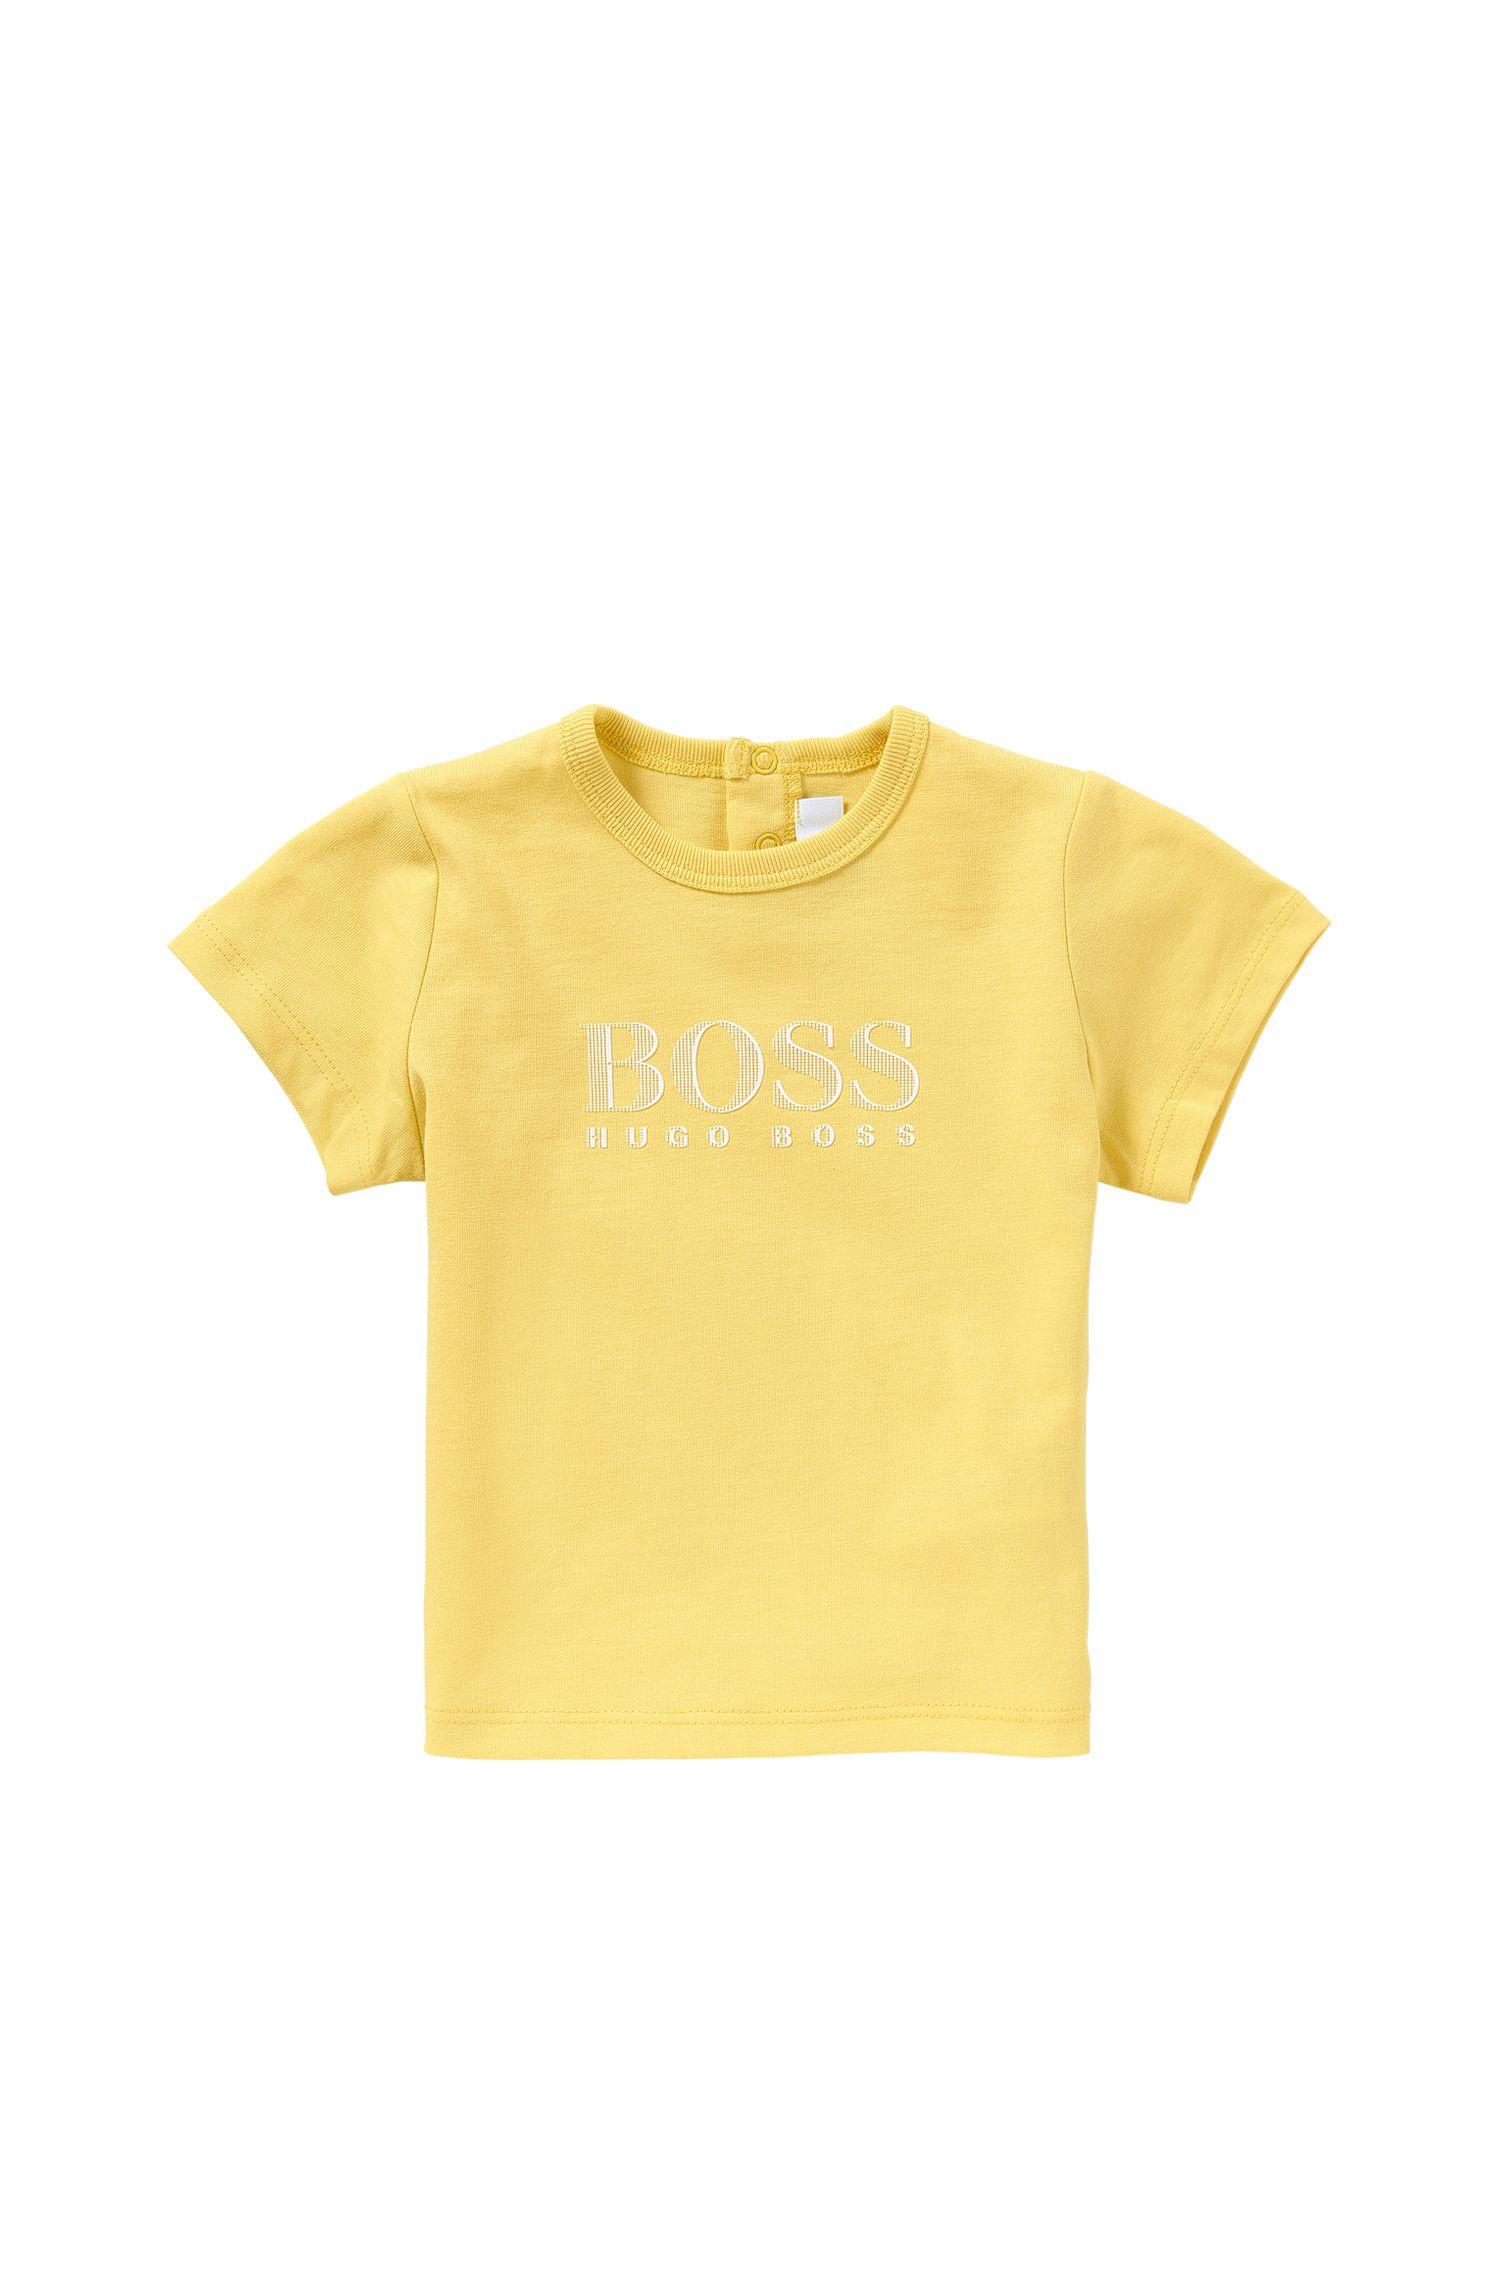 T-shirt voor baby's, van katoen met frontprint: 'J05453'